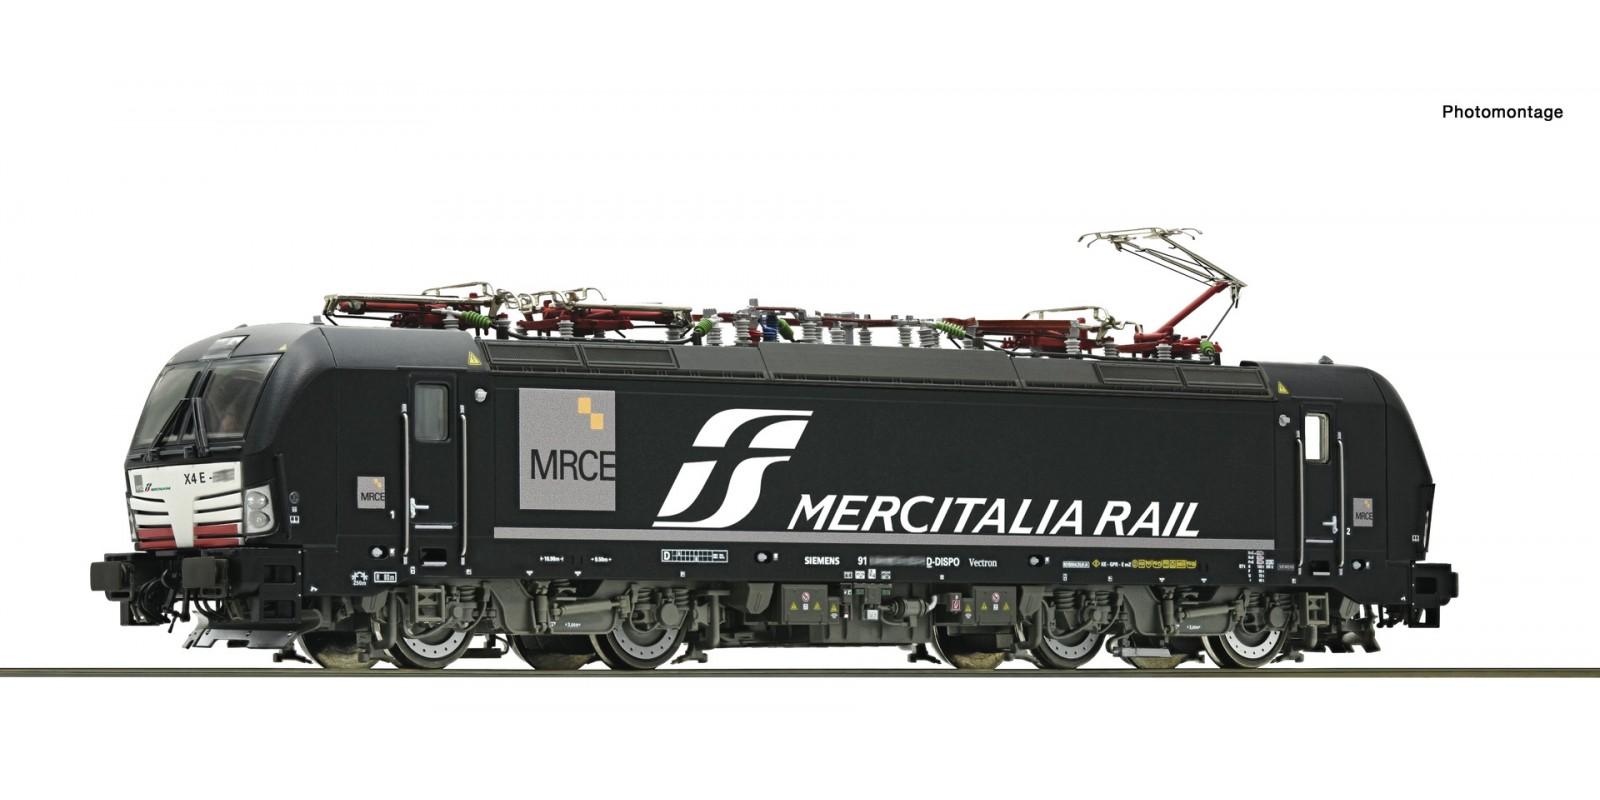 RO79975 Electric locomotive 193 702-8